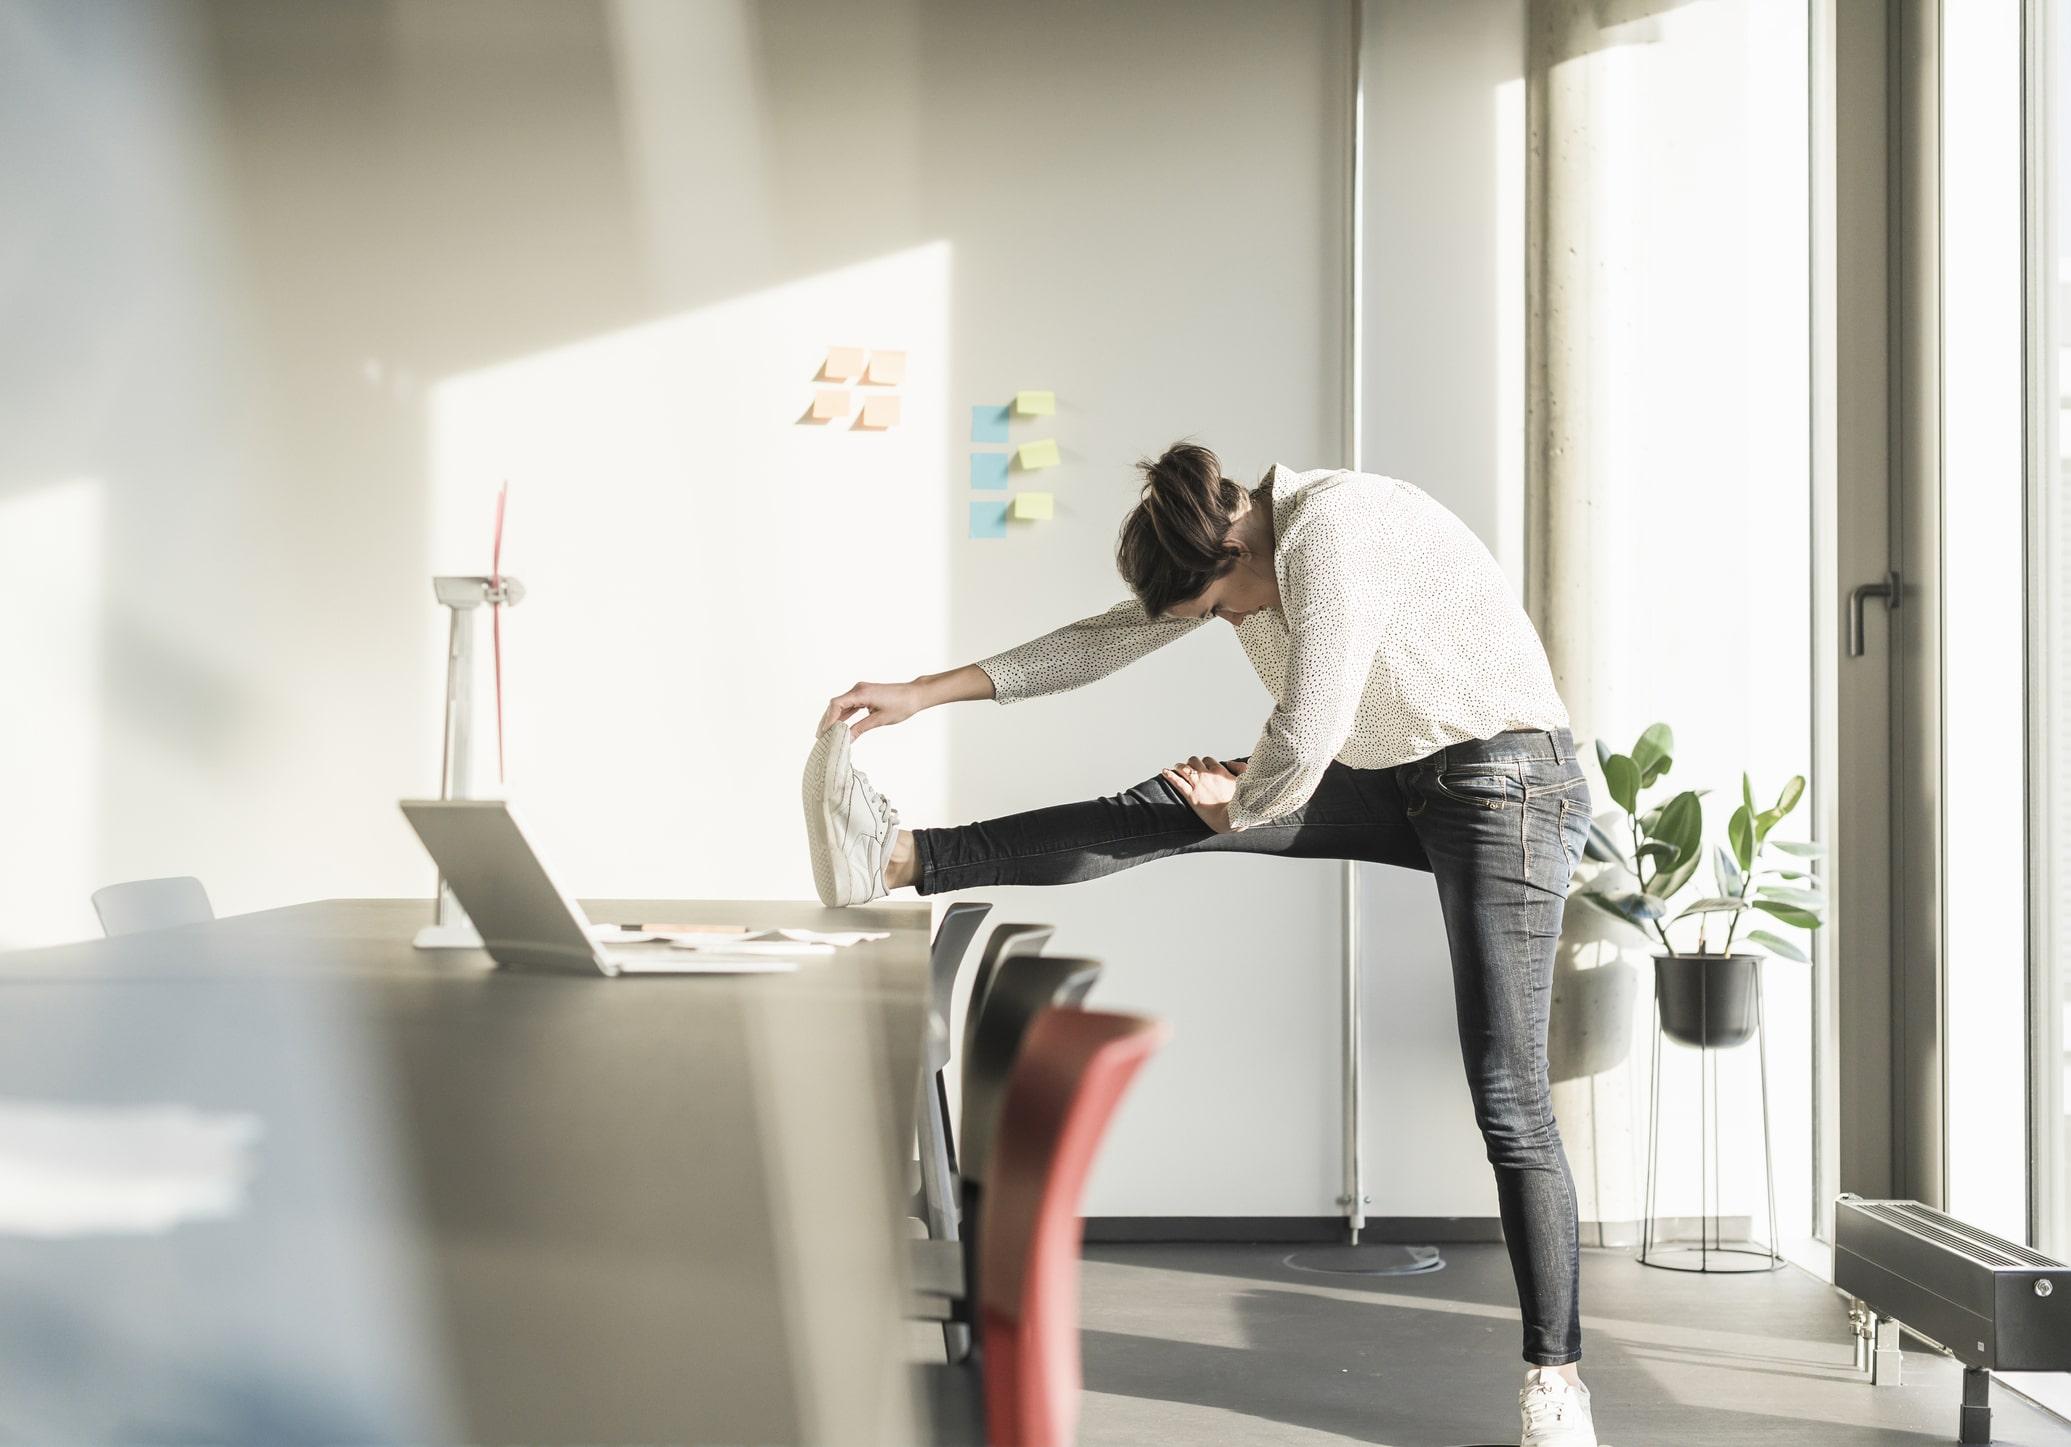 Eine Frau stellt einen Fuß auf ihrem Schreibtisch ab, beugt sich mit Kopf und Rücken weit nach vorne, um sich zu dehnen und bewegen.